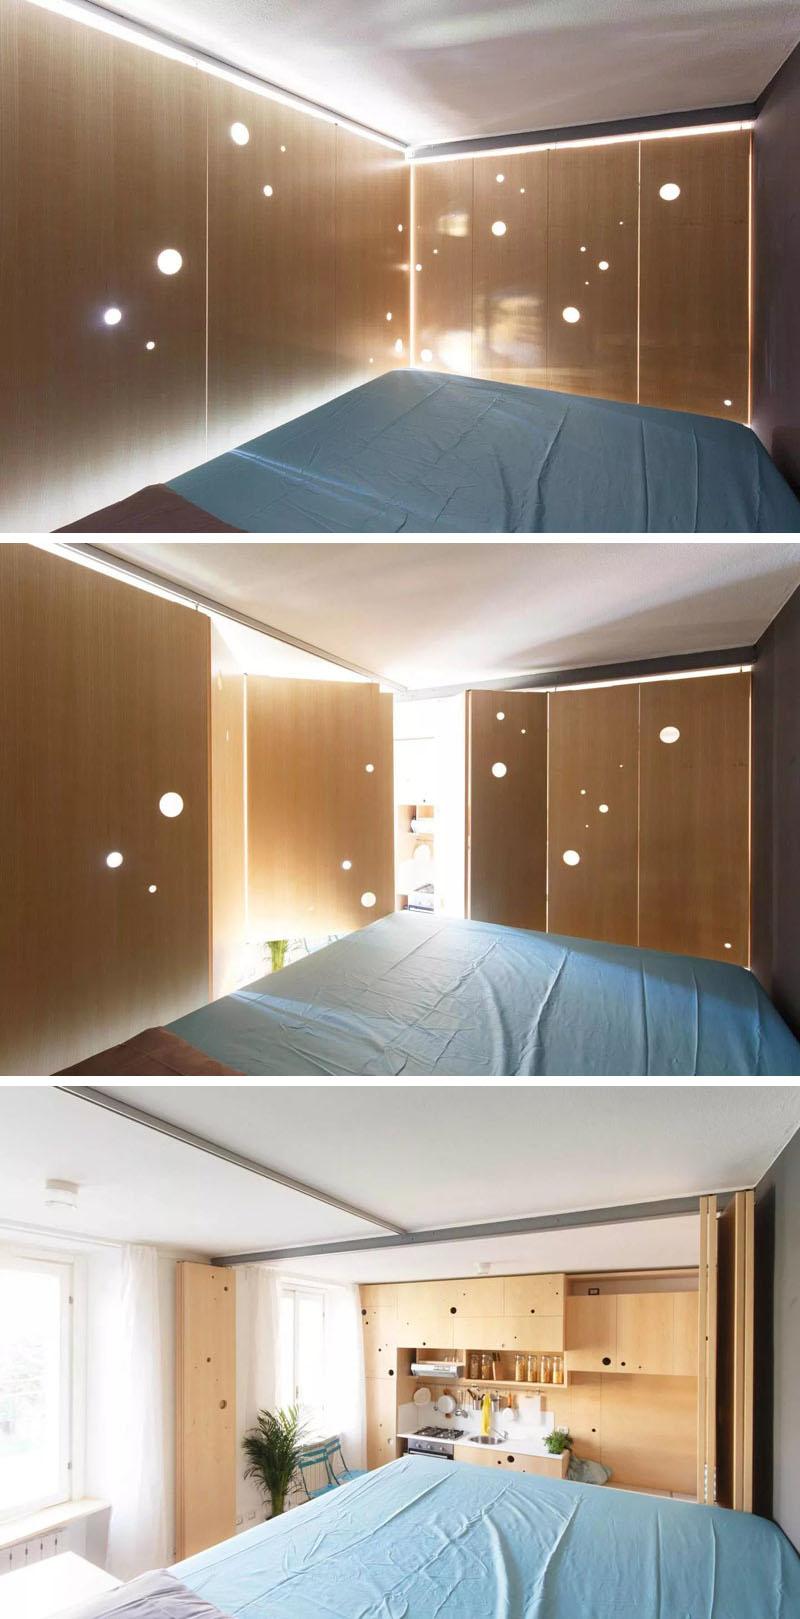 nestandarten-i-mnogo-ideen-interior-na-mini-apartament-30-m-9g